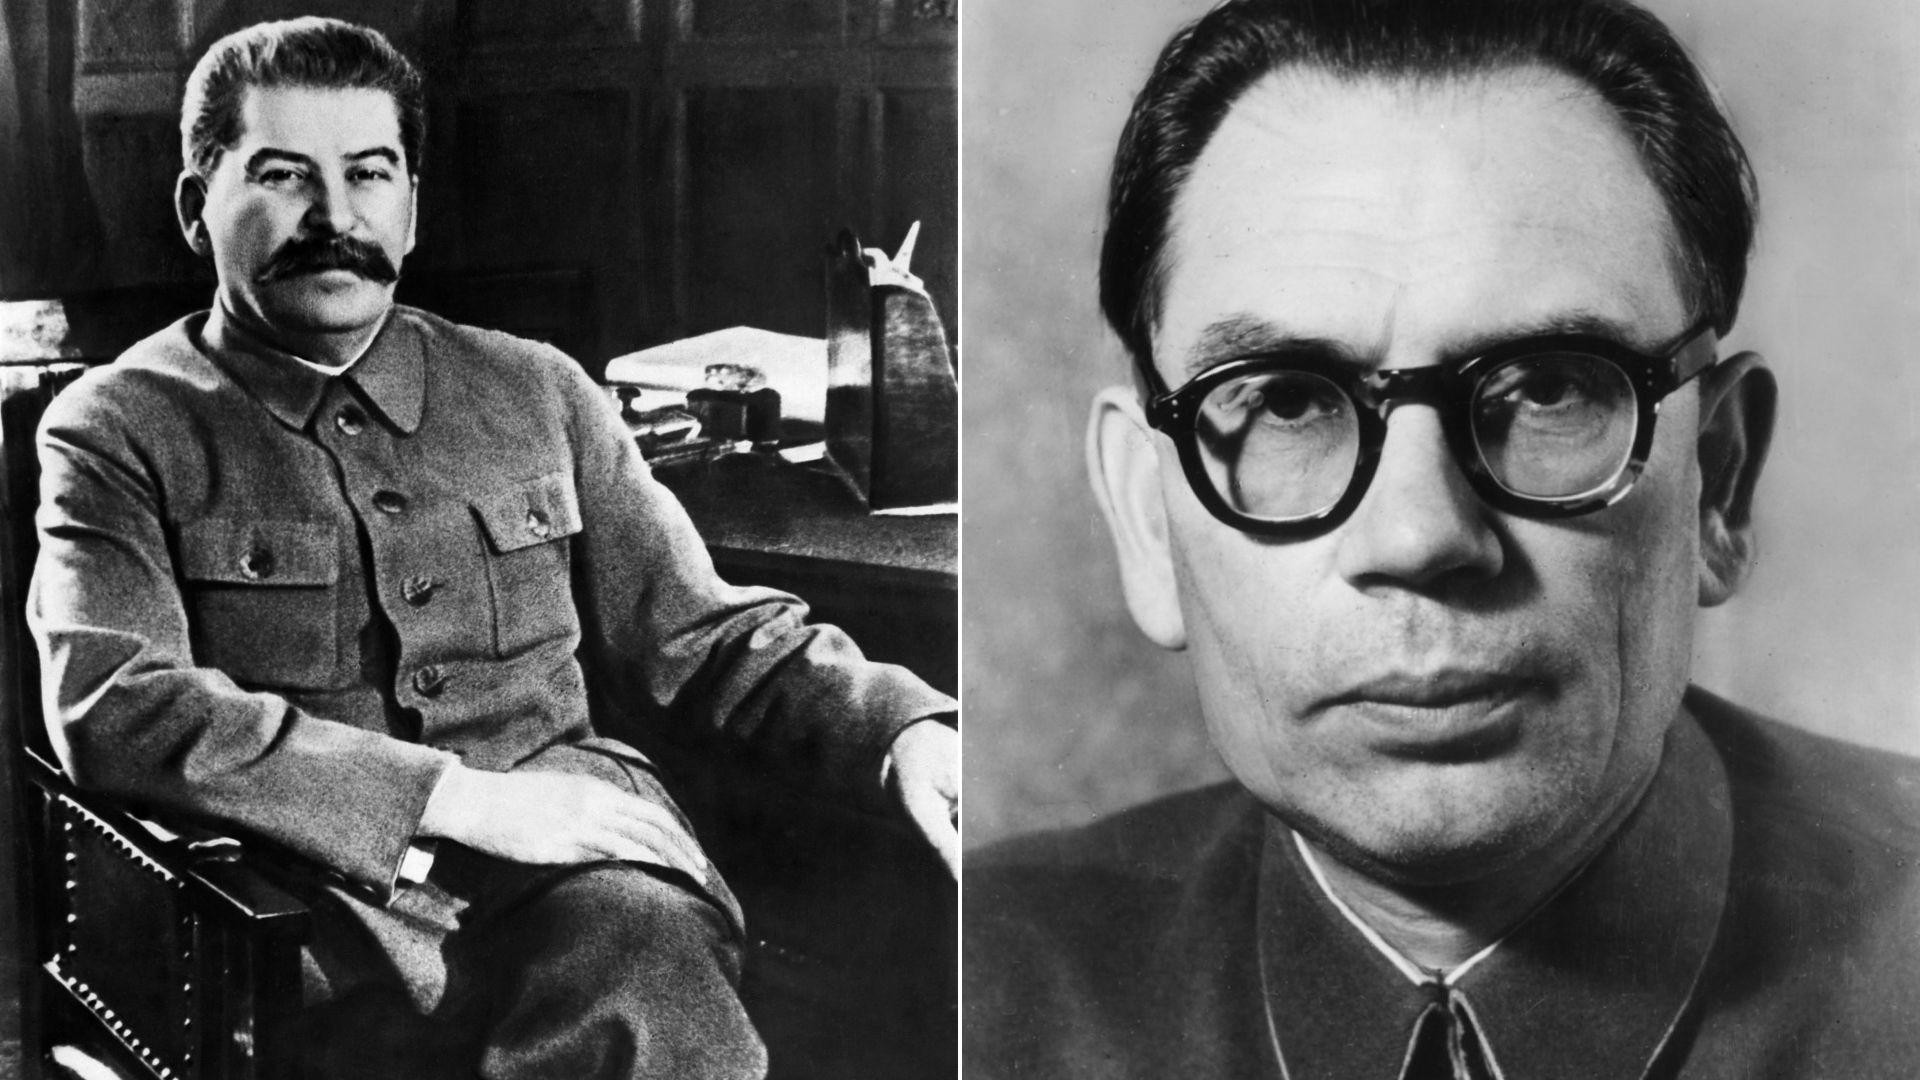 Poprava generála Vlasova: Stalin nacistickému kolaborantovi a jeho vojákům připravil krutou smrt